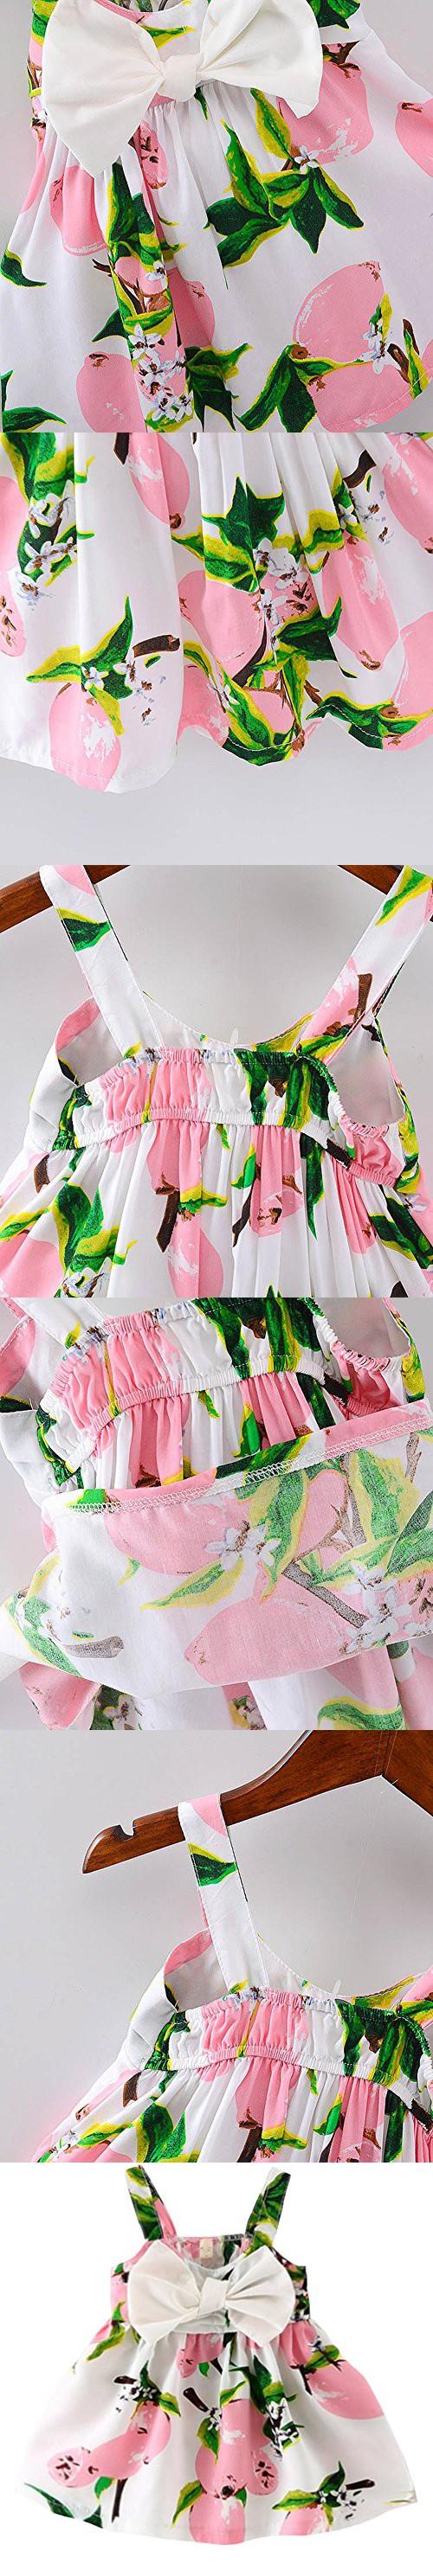 Rjxdlt baby girls sling bowknot lemon print skirt dress months